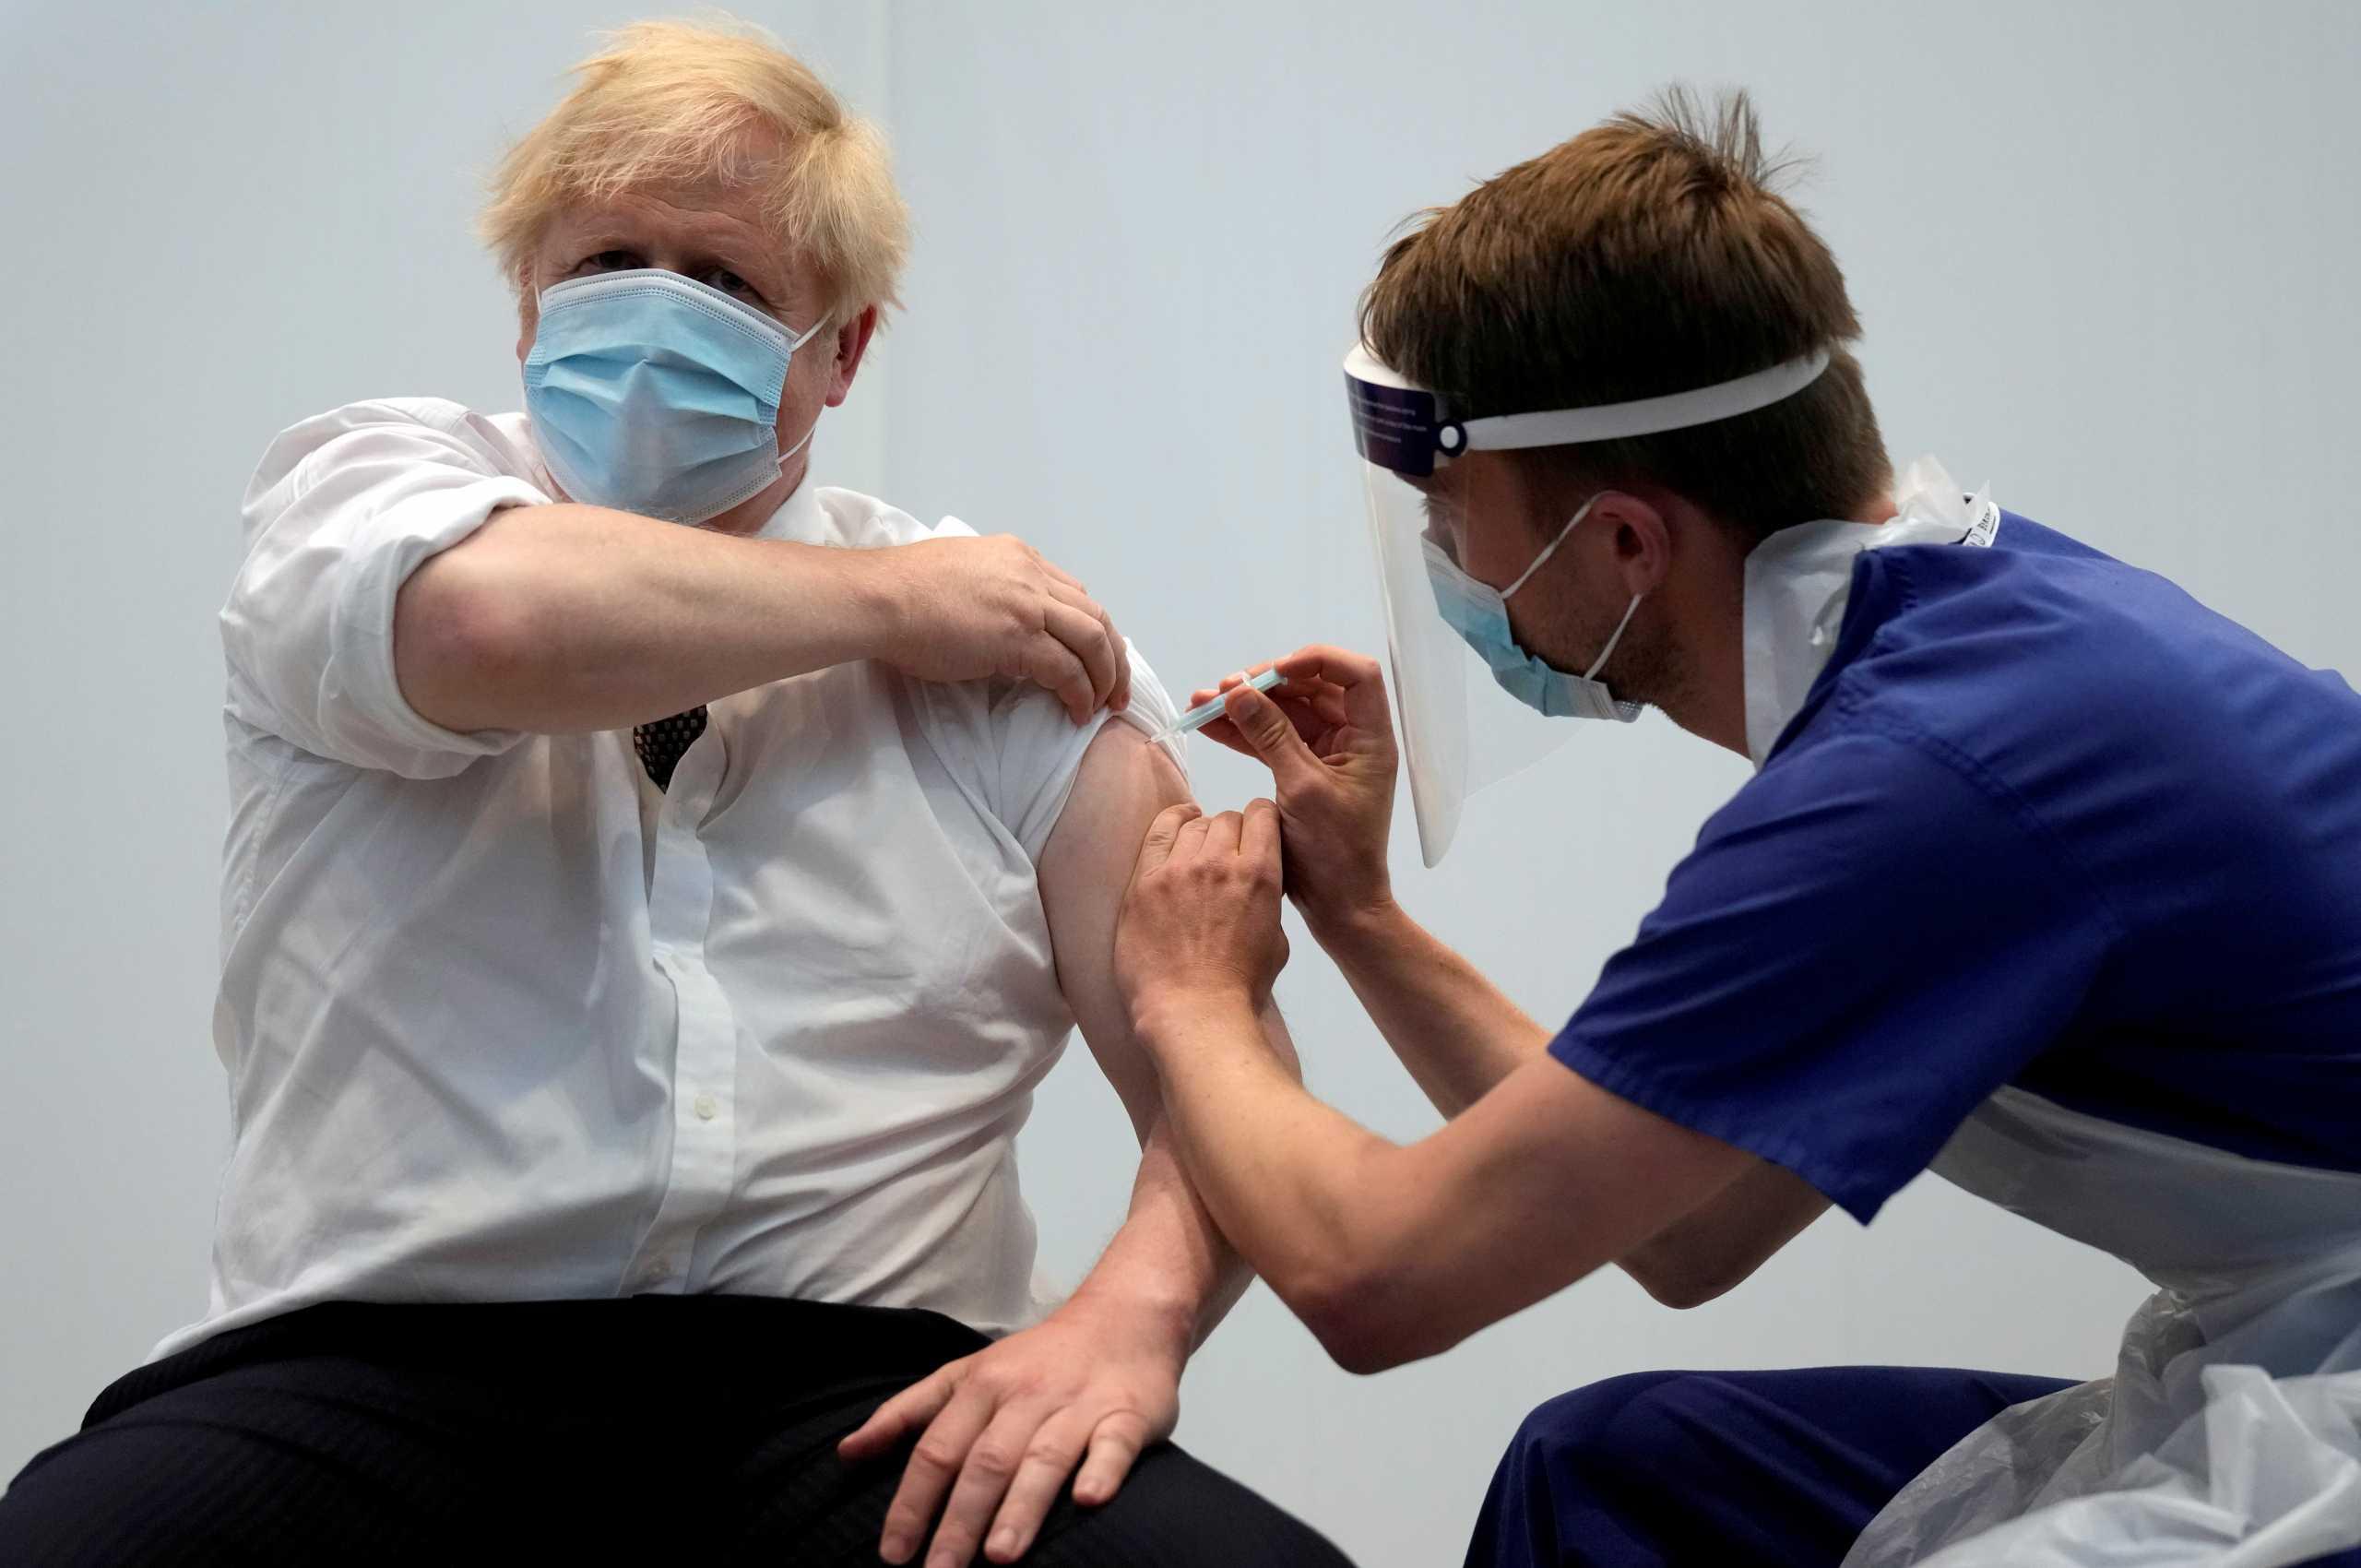 Μπόρις Τζόνσον σε G7: Να εμβολιάσουμε τον παγκόσμιο πληθυσμό μέχρι το τέλος του 2022 για να λήξει ο εφιάλτης